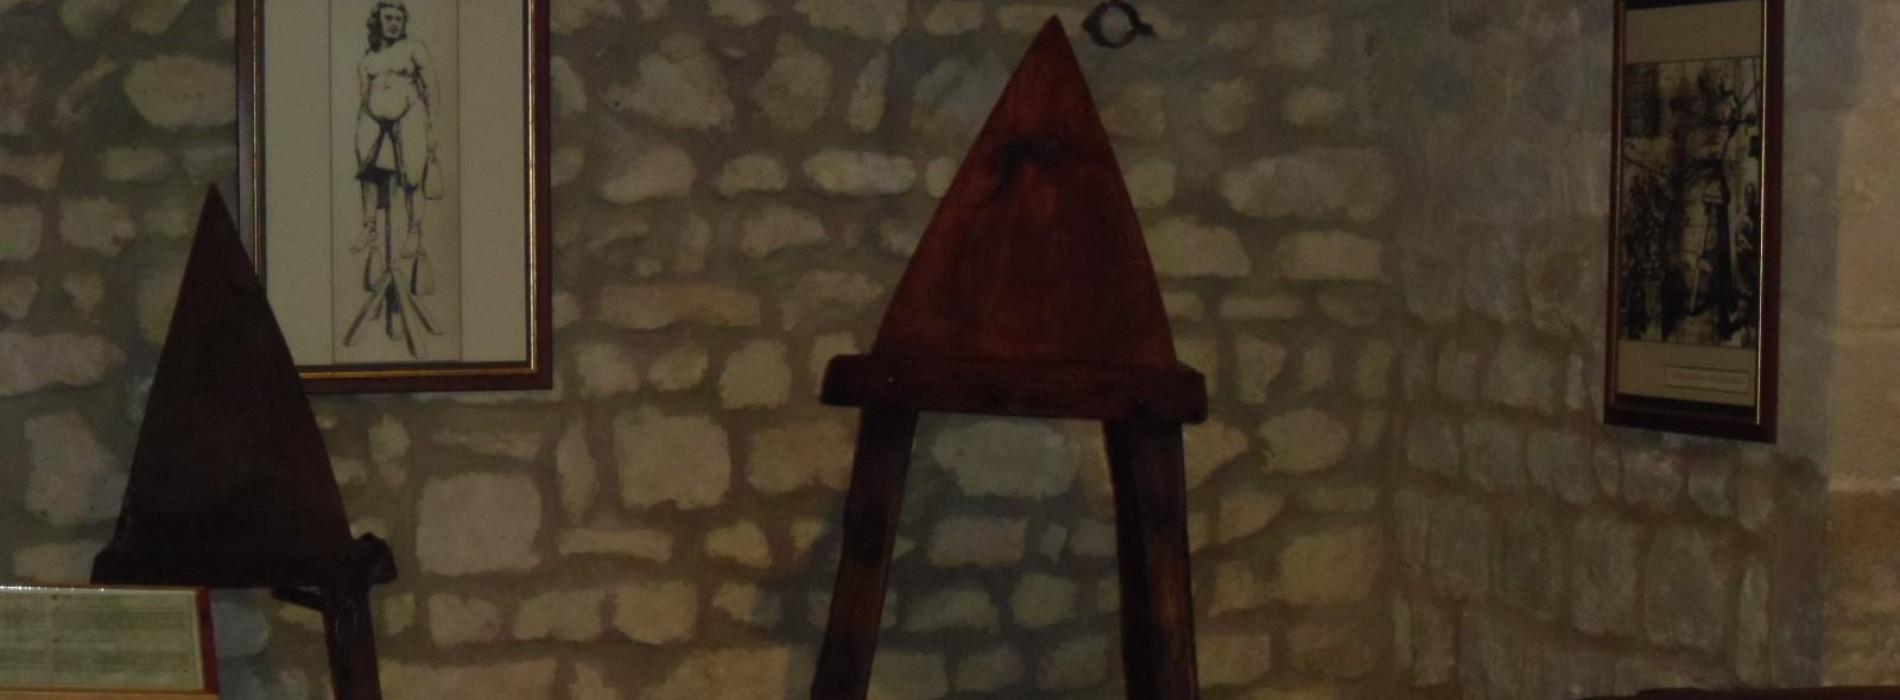 Museo delle torture: al centro storico di Napoli un viaggio nella storia